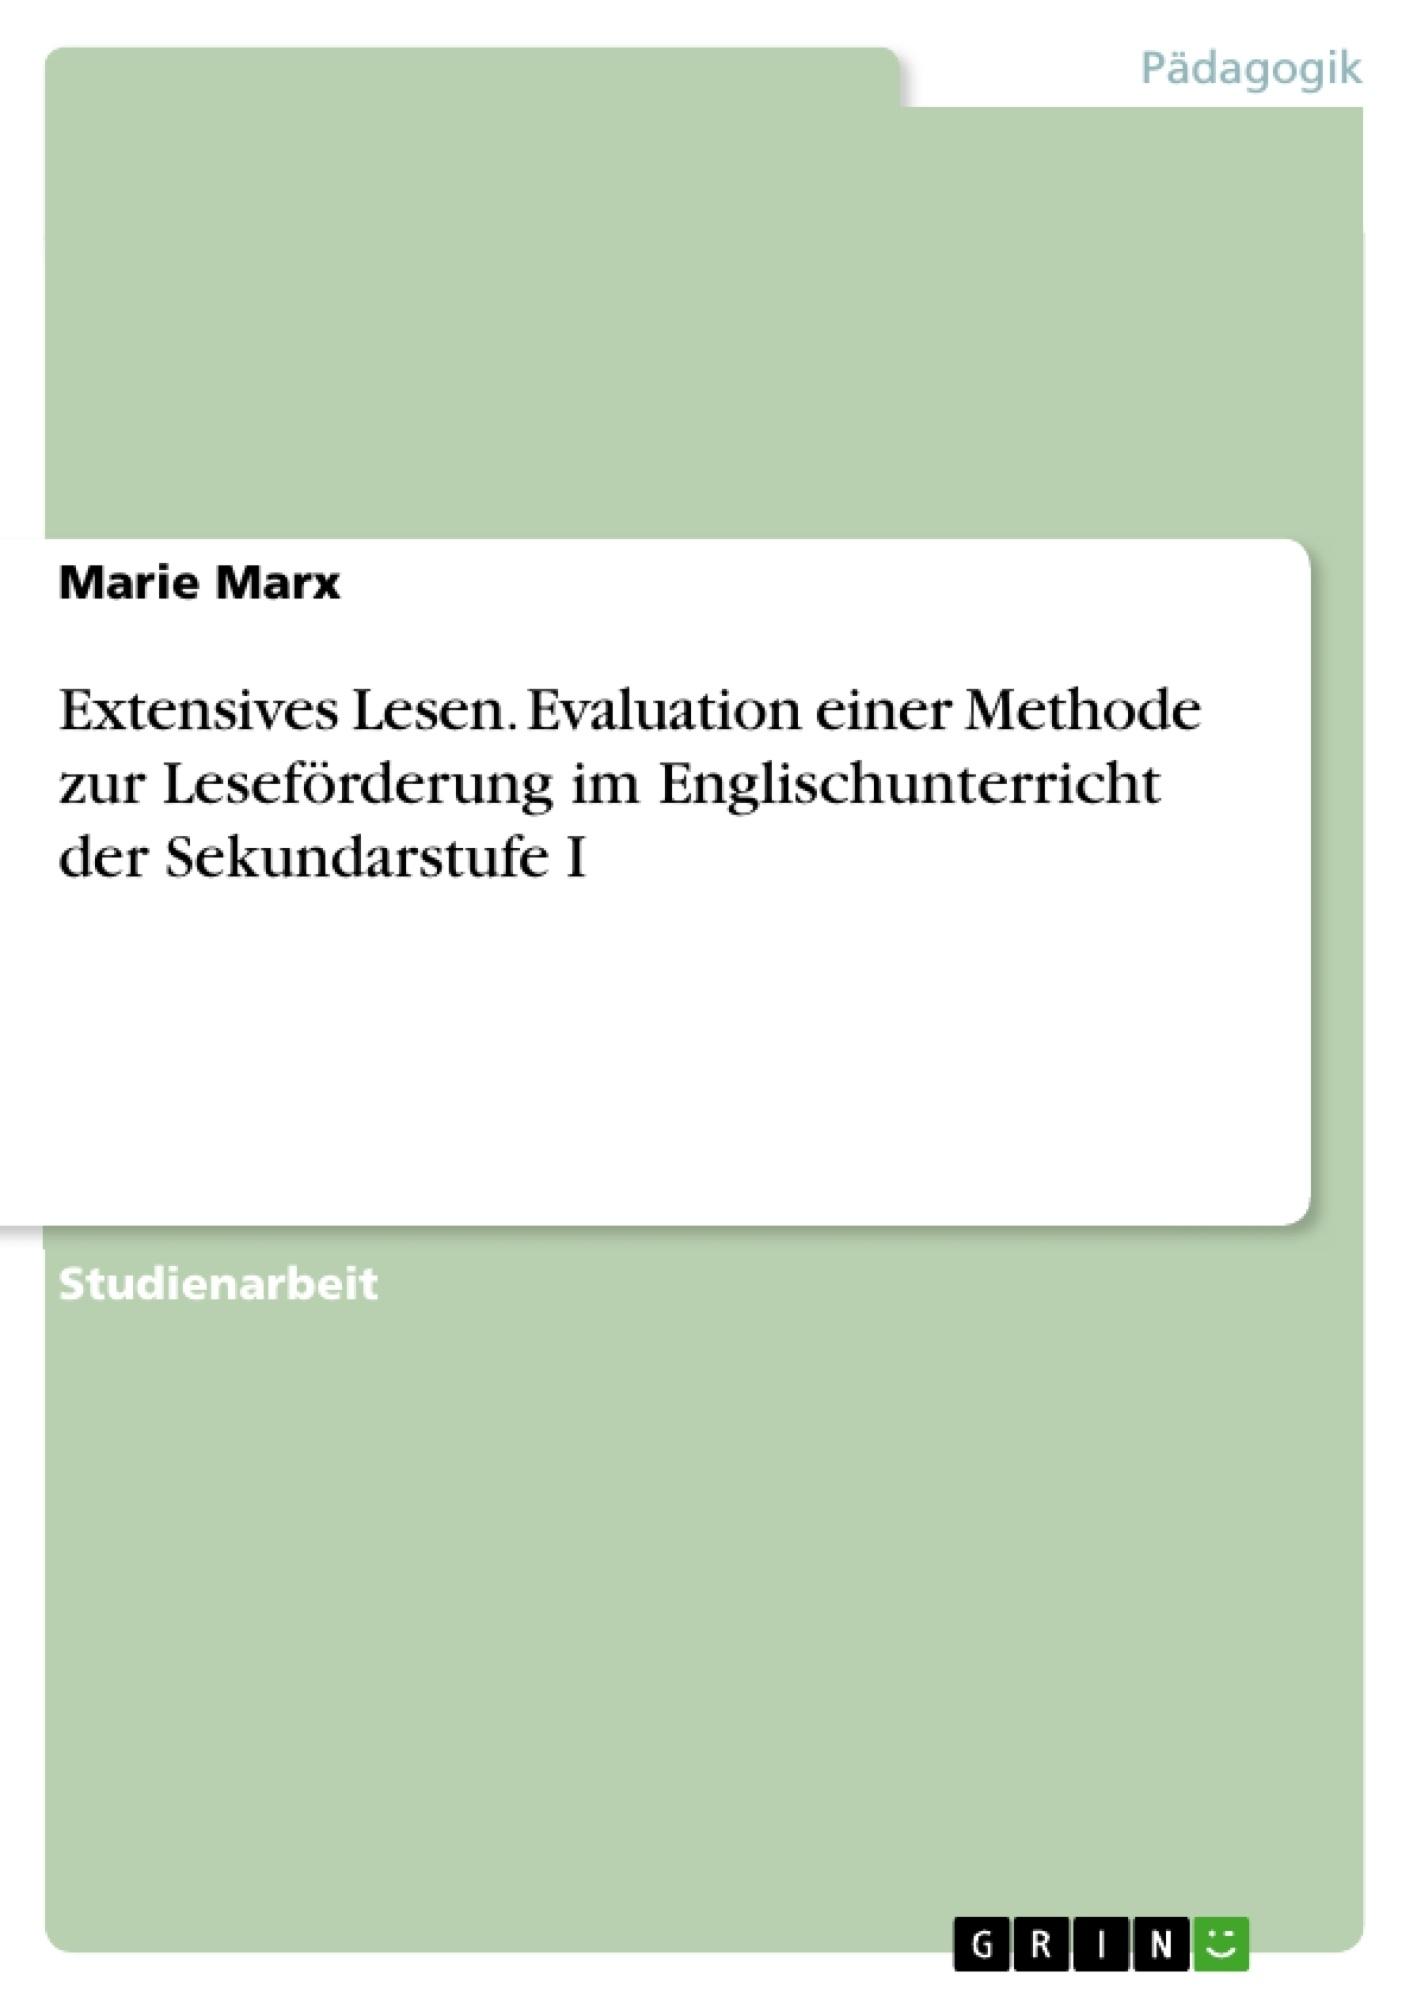 Titel: Extensives Lesen. Evaluation einer Methode zur Leseförderung im Englischunterricht der Sekundarstufe I